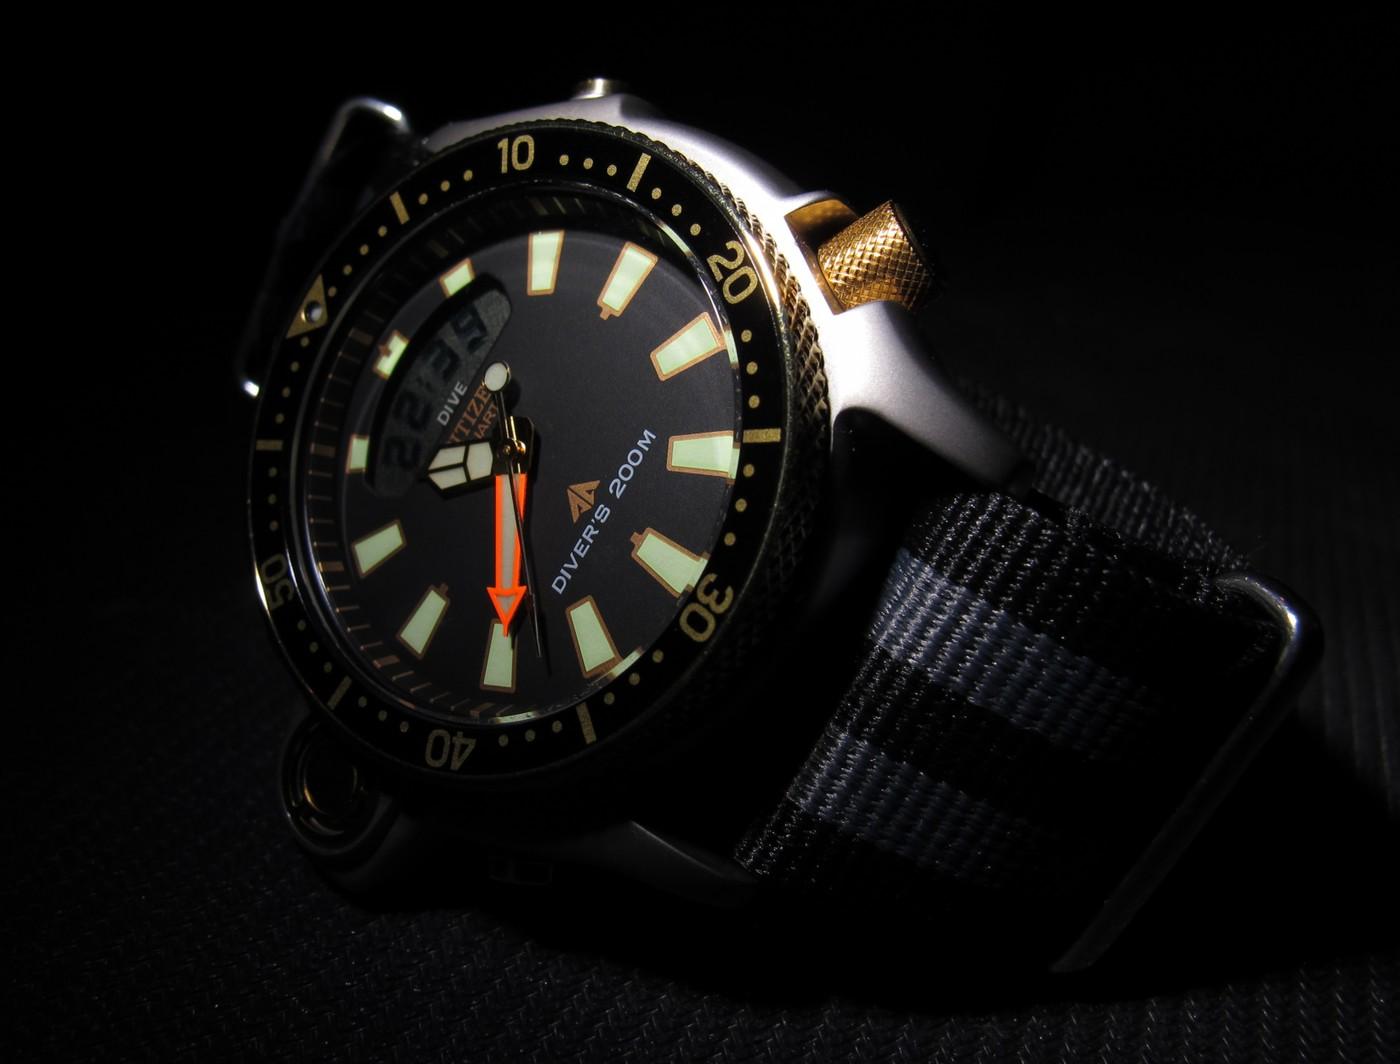 je plonge avec une montre dans la baignoire et ailleurs Img_0056web_2